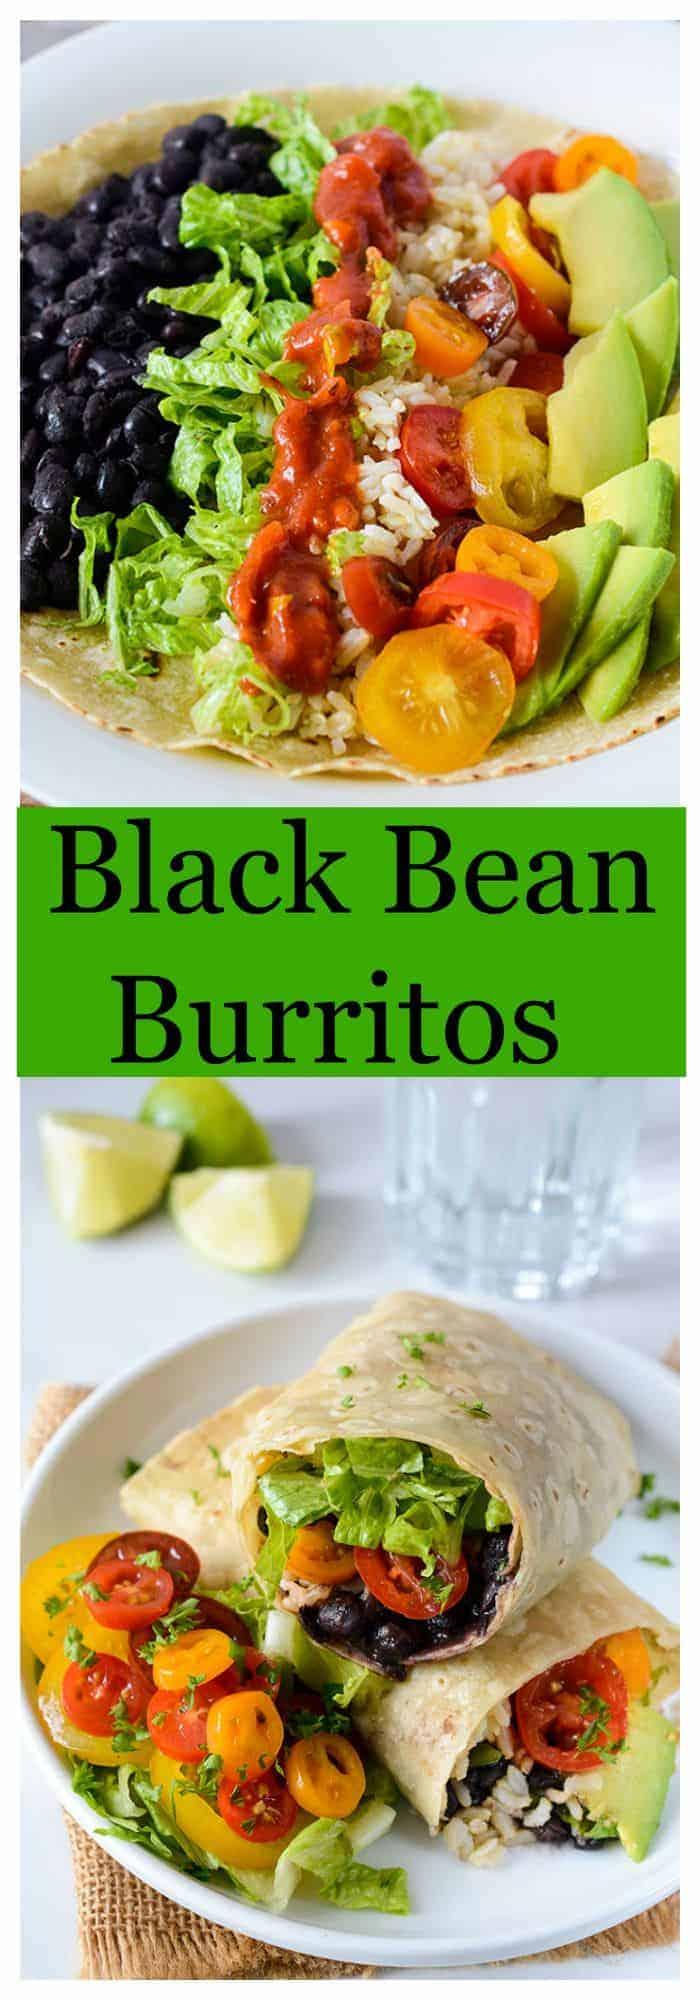 Black Bean Burrito